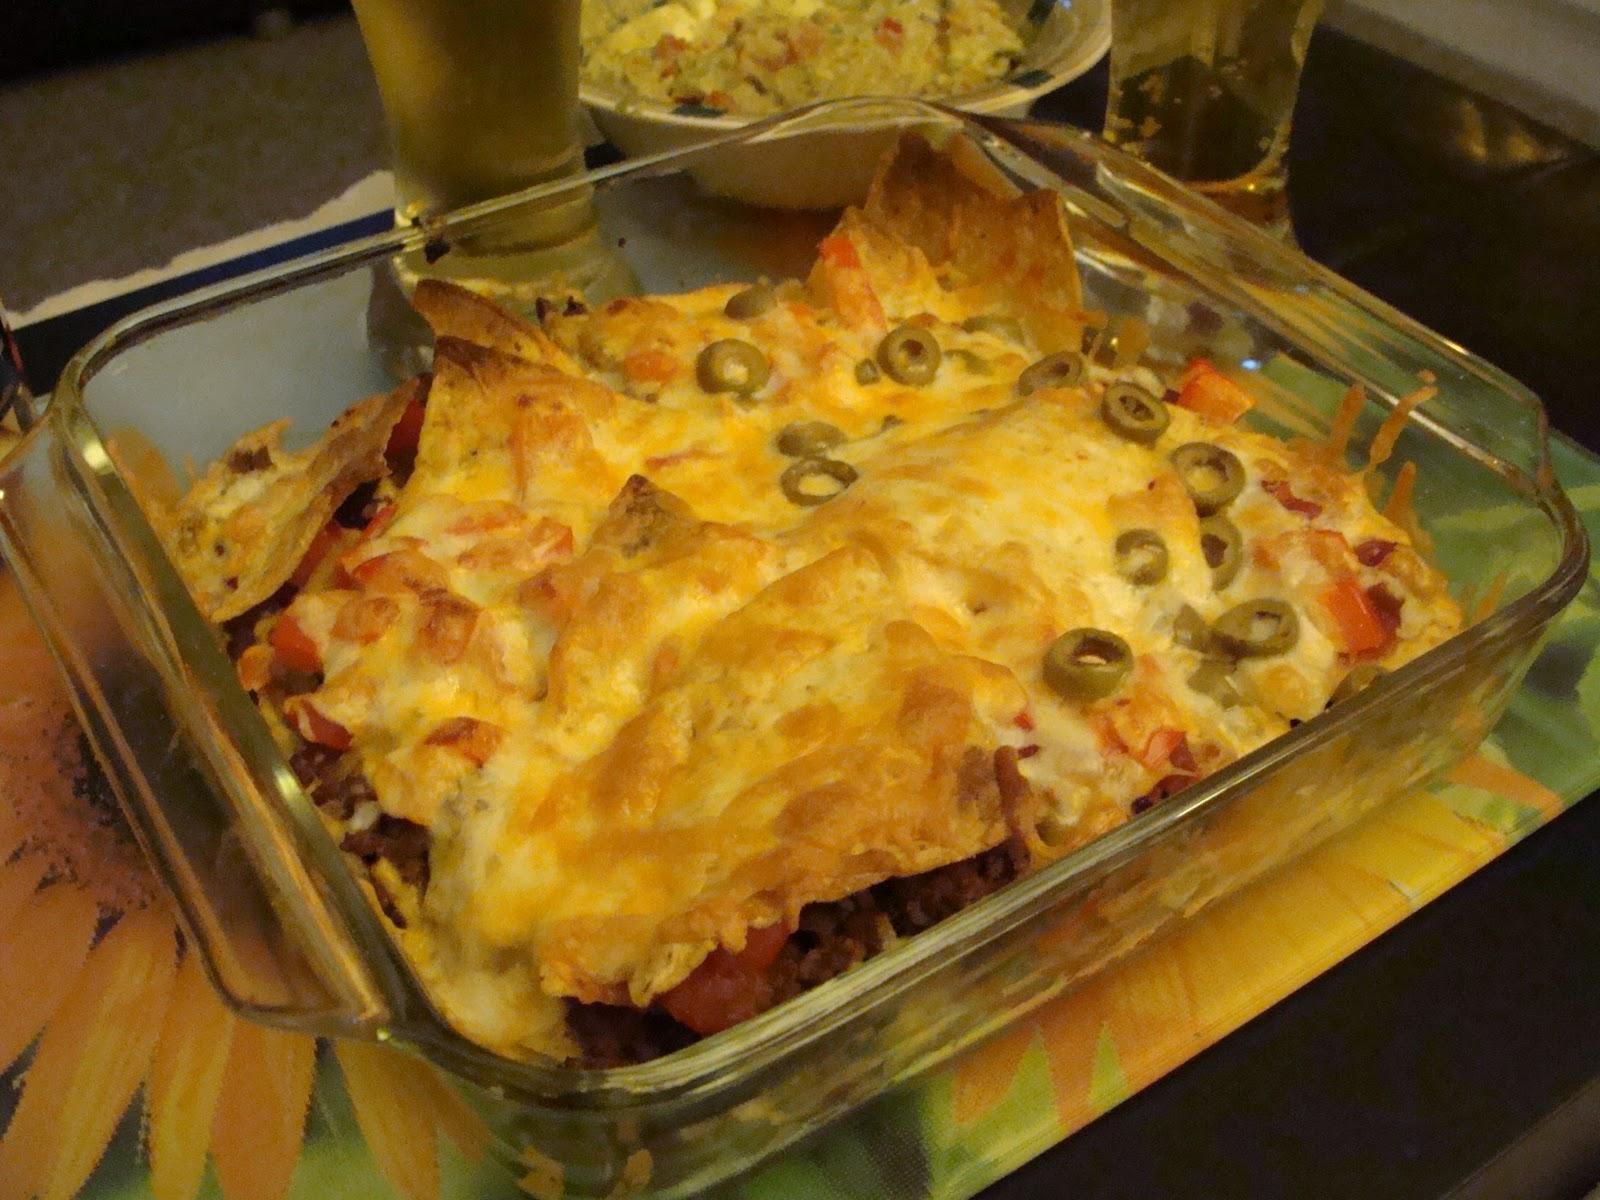 La cuisine selon marie pier mon nachos maison et guacamole for Assaisonnement tacos maison